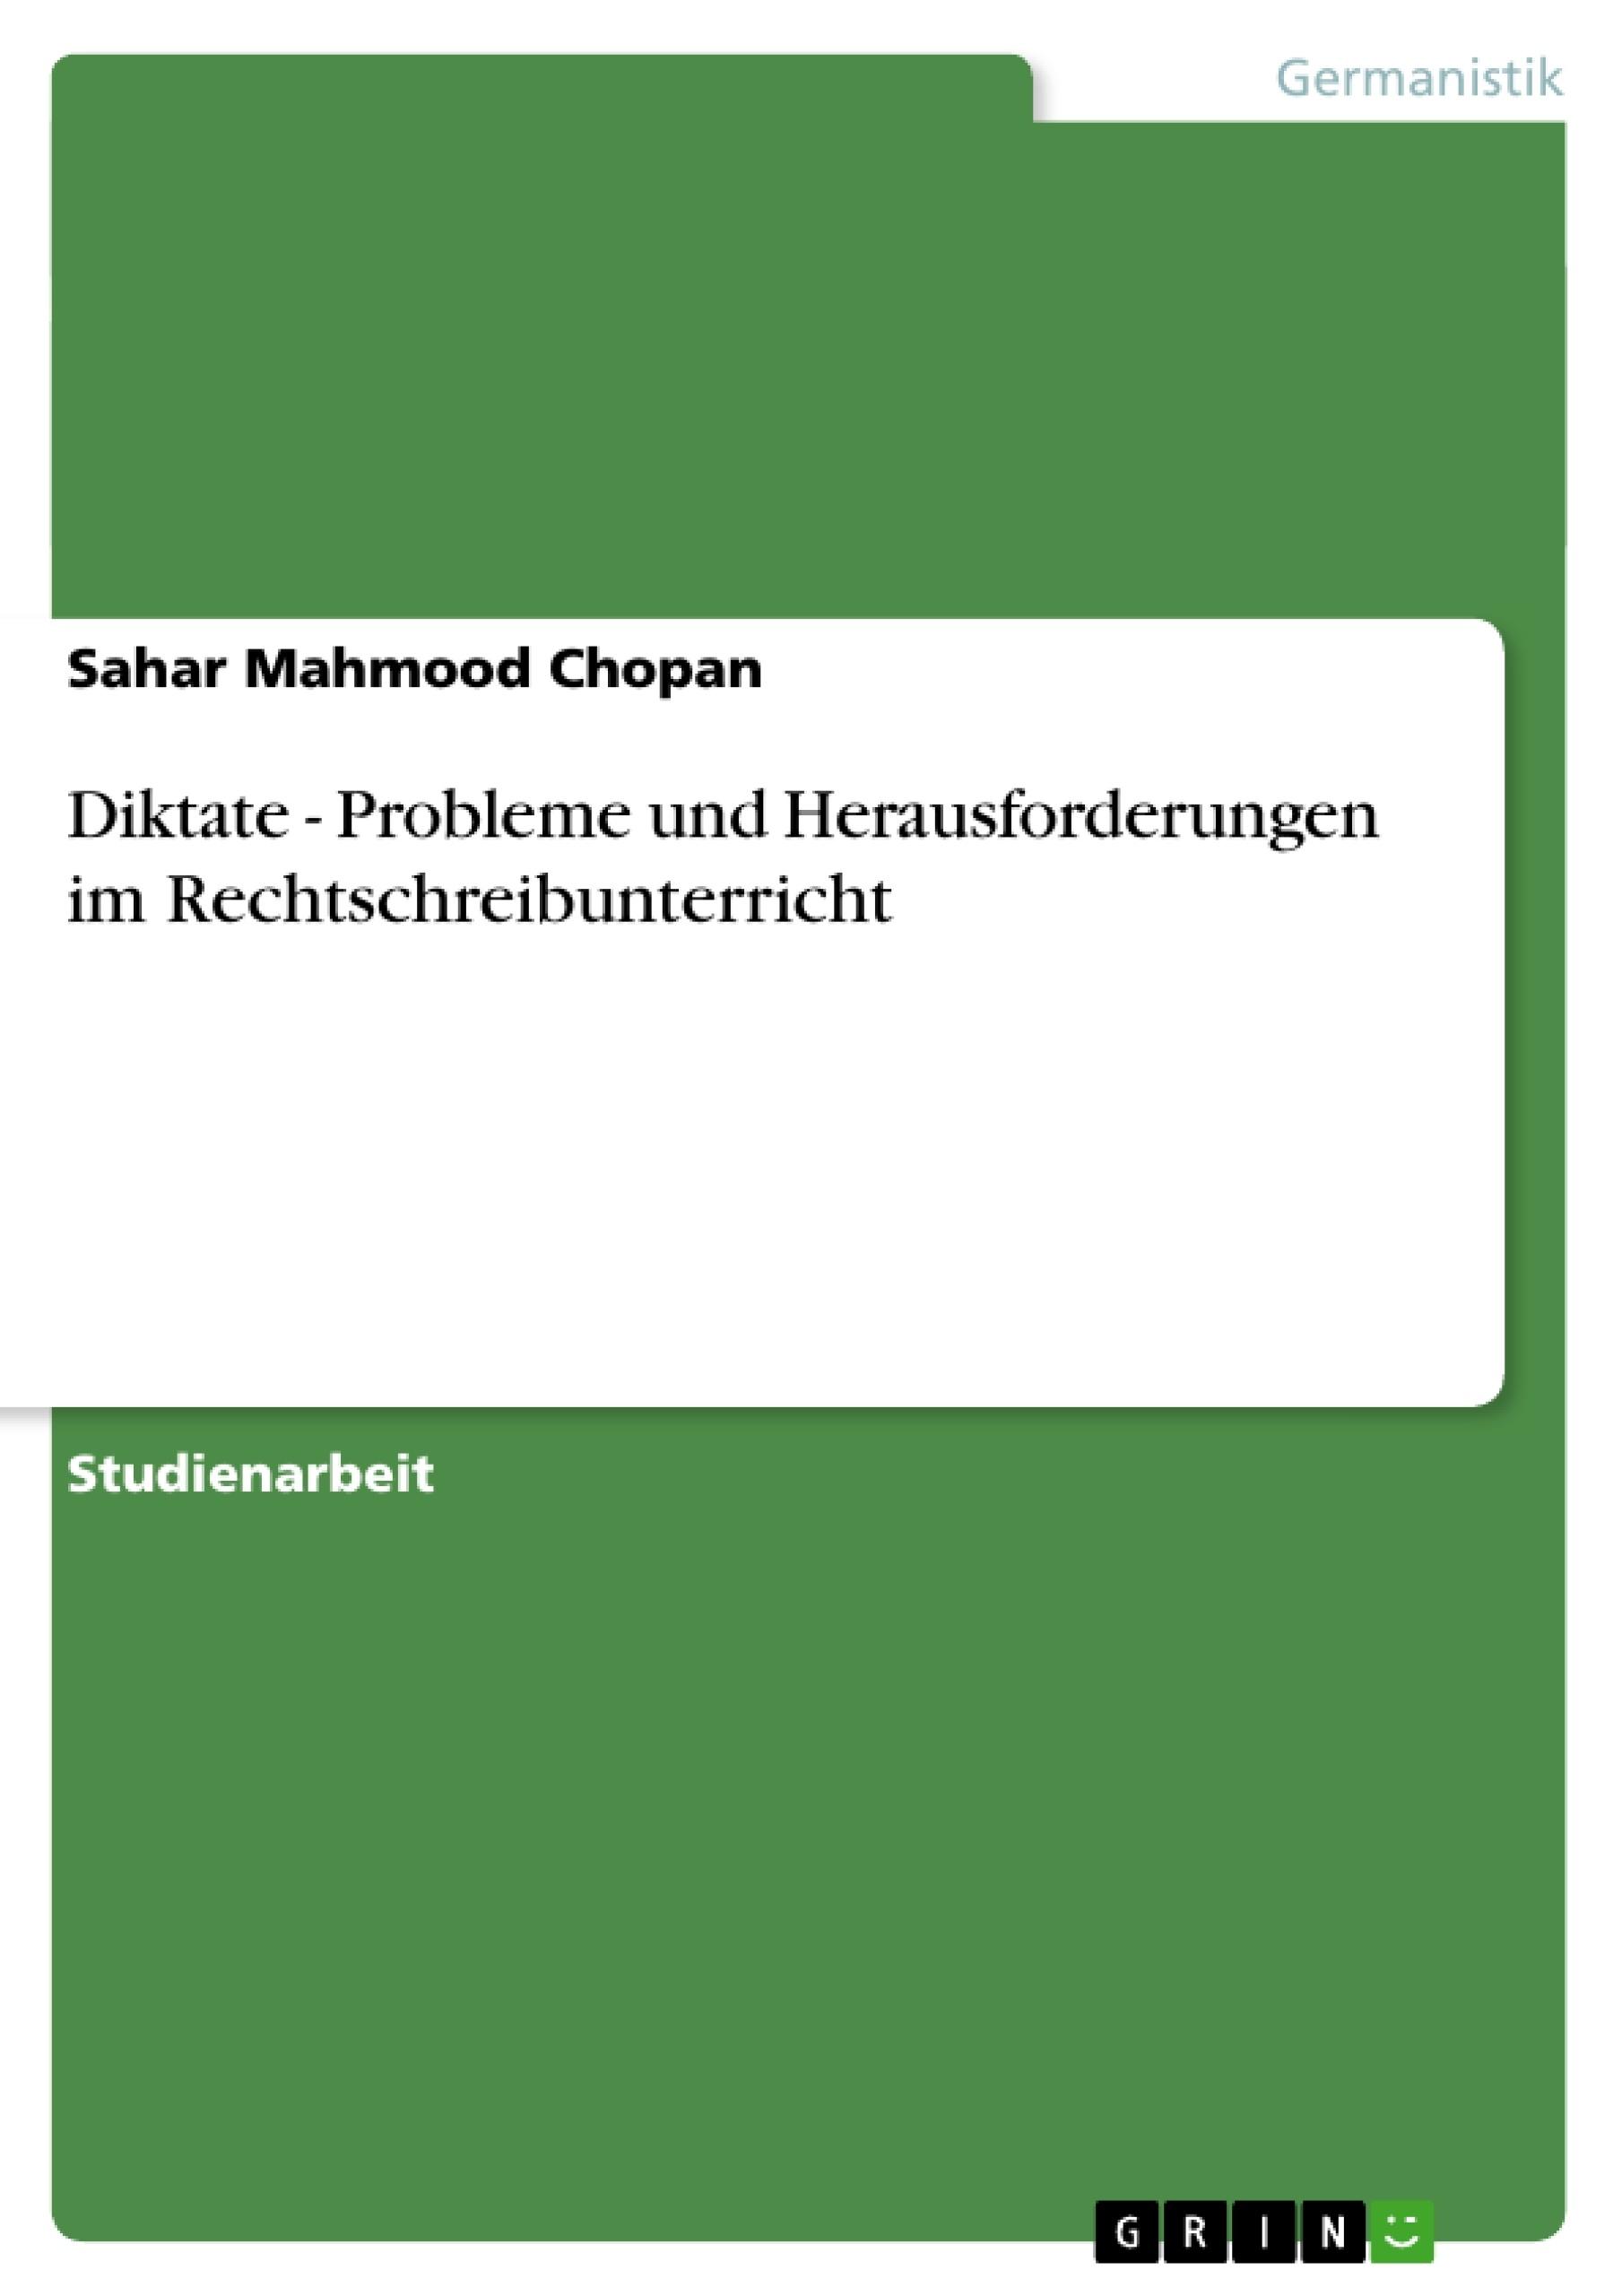 Titel: Diktate - Probleme und Herausforderungen im Rechtschreibunterricht